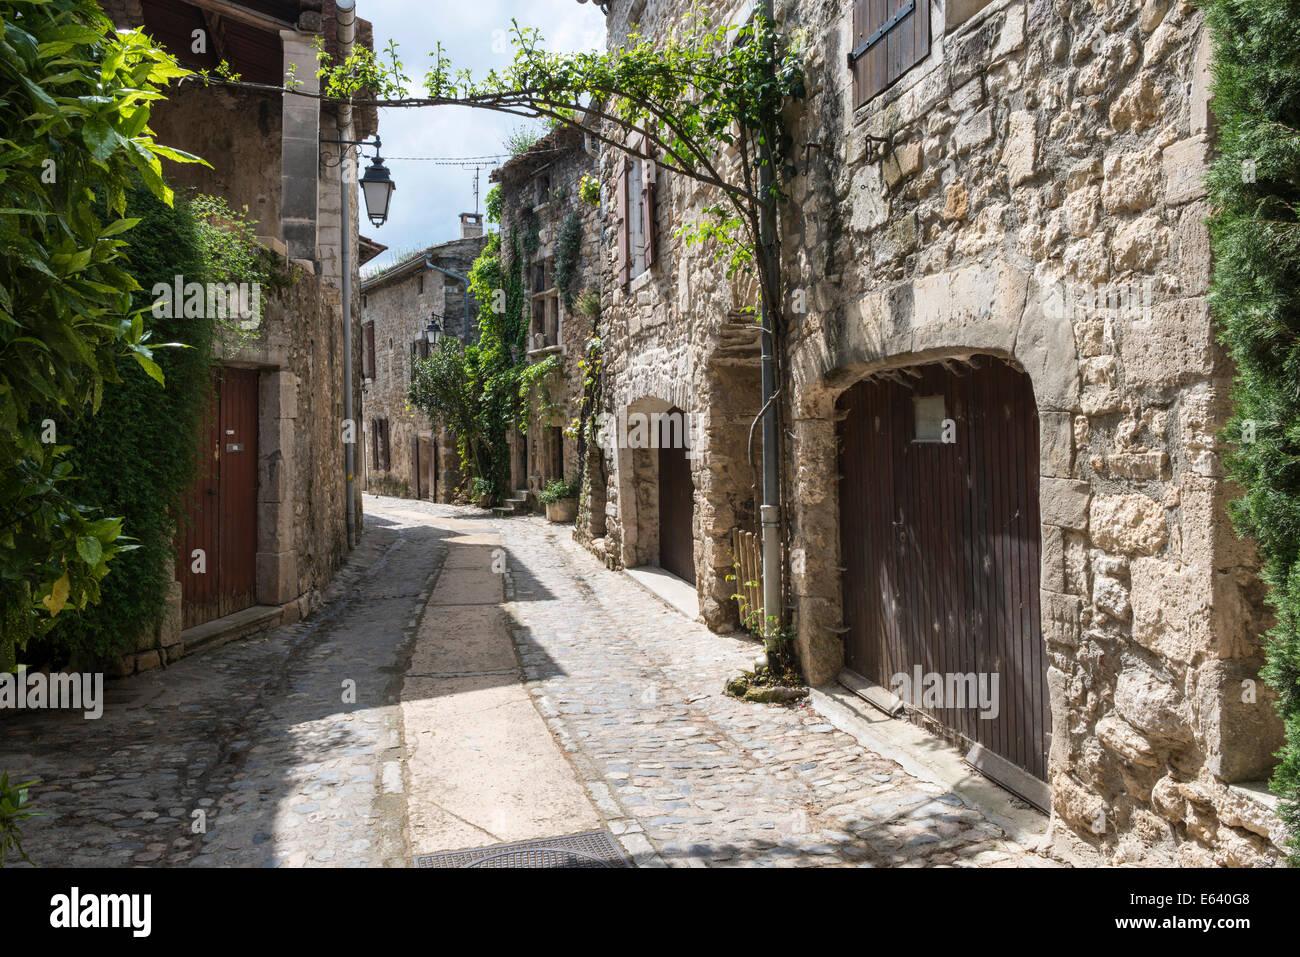 Alleyway in the village of Aiguèze, Les Plus Beaux Villages de France, Aiguèze, Languedoc-Roussillon, - Stock Image